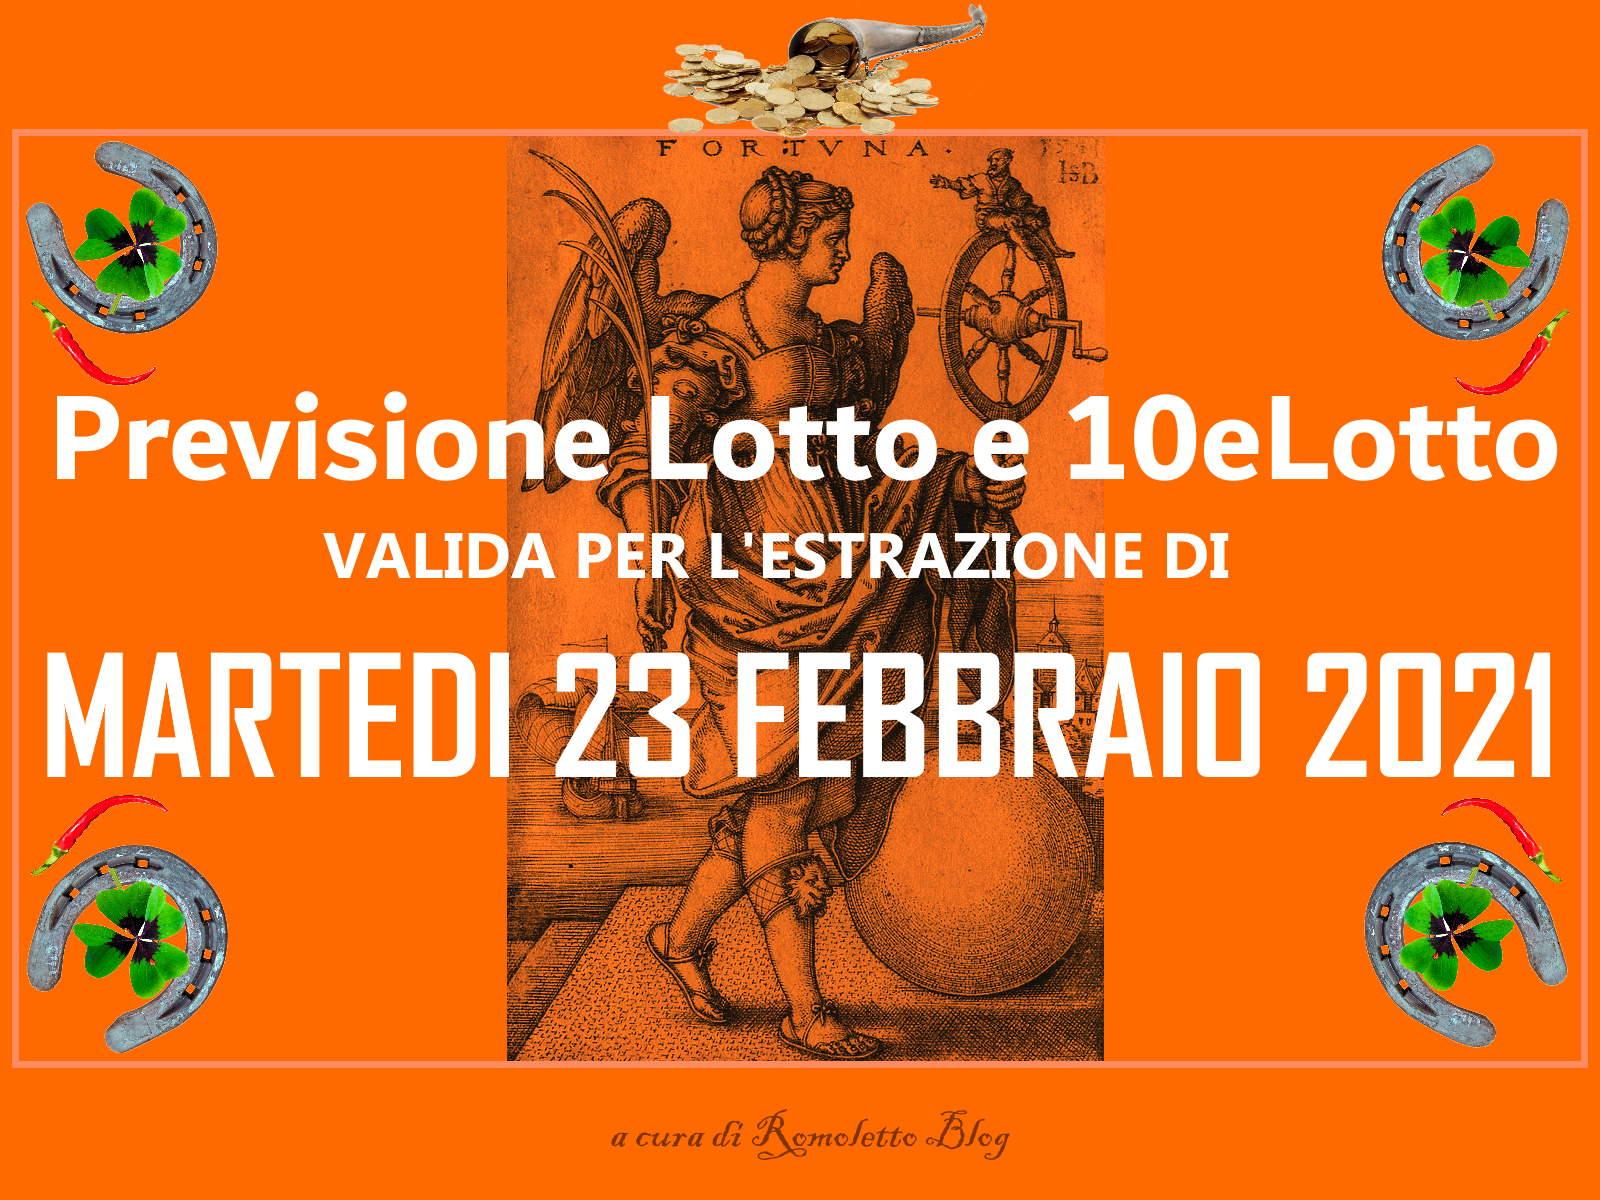 Previsione Lotto e 10eLotto del 23 Febbraio 2021